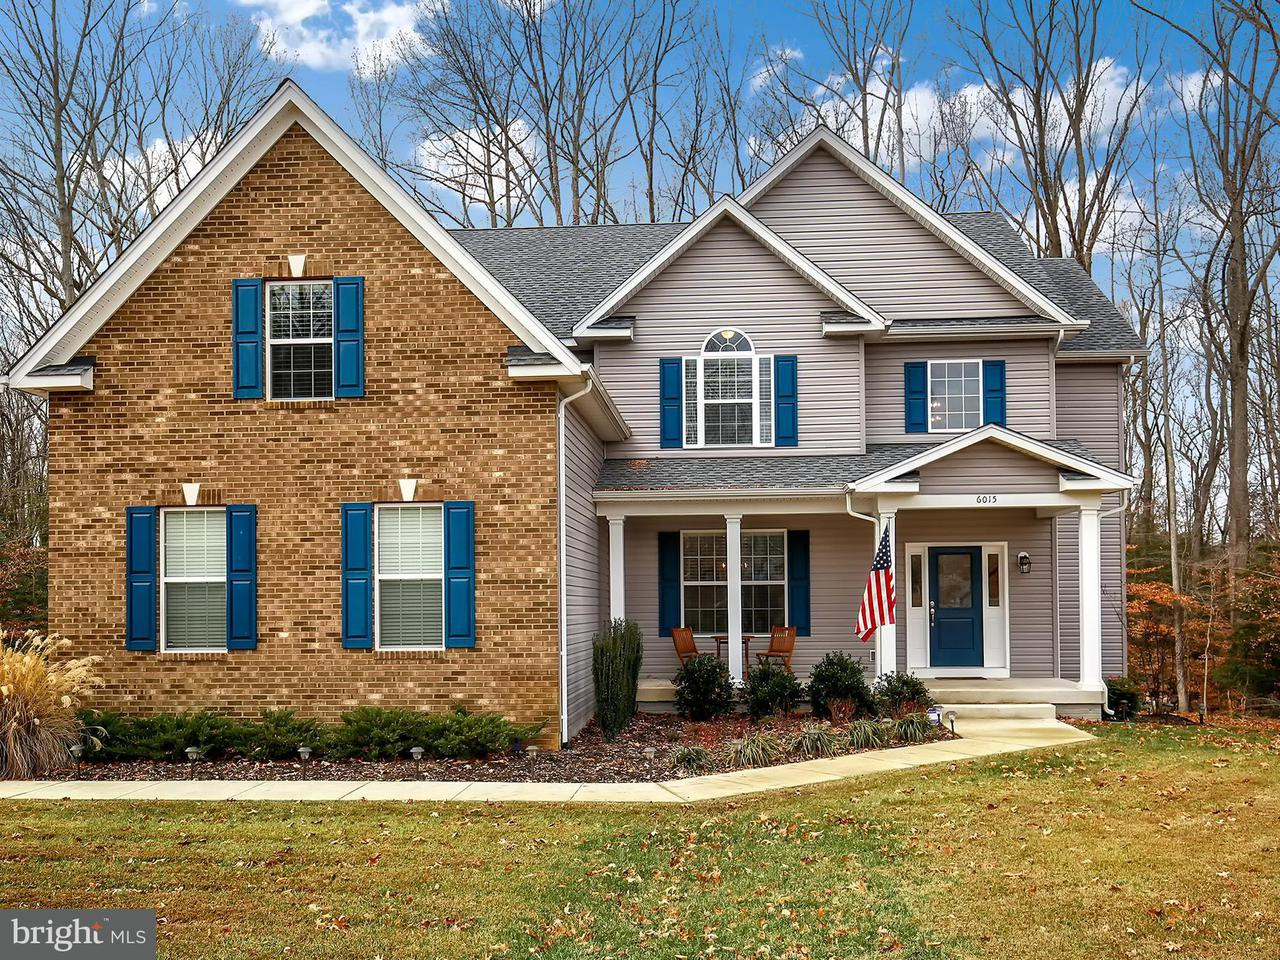 Частный односемейный дом для того Продажа на 6015 Crayfish Court 6015 Crayfish Court Bryantown, Мэриленд 20617 Соединенные Штаты